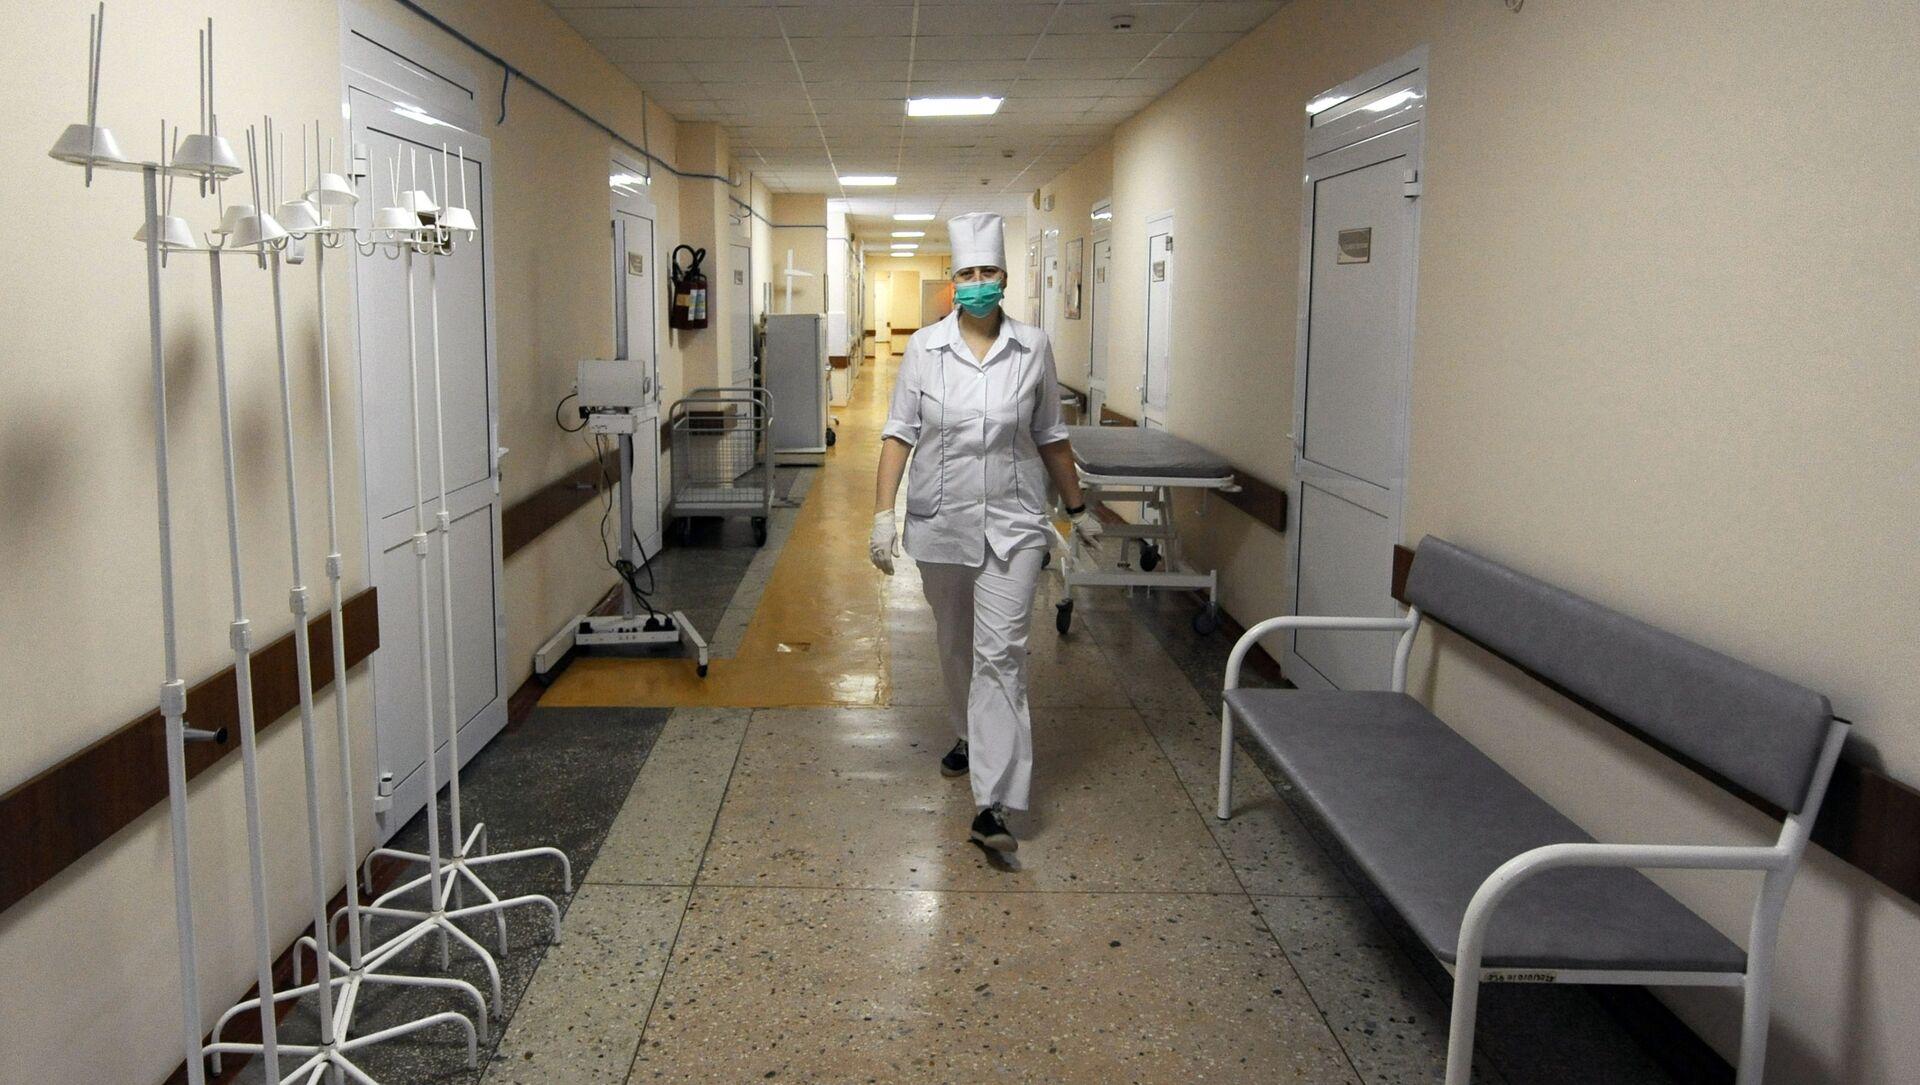 Медицинская сестра в больнице, фото из архива - Sputnik Азербайджан, 1920, 27.06.2021